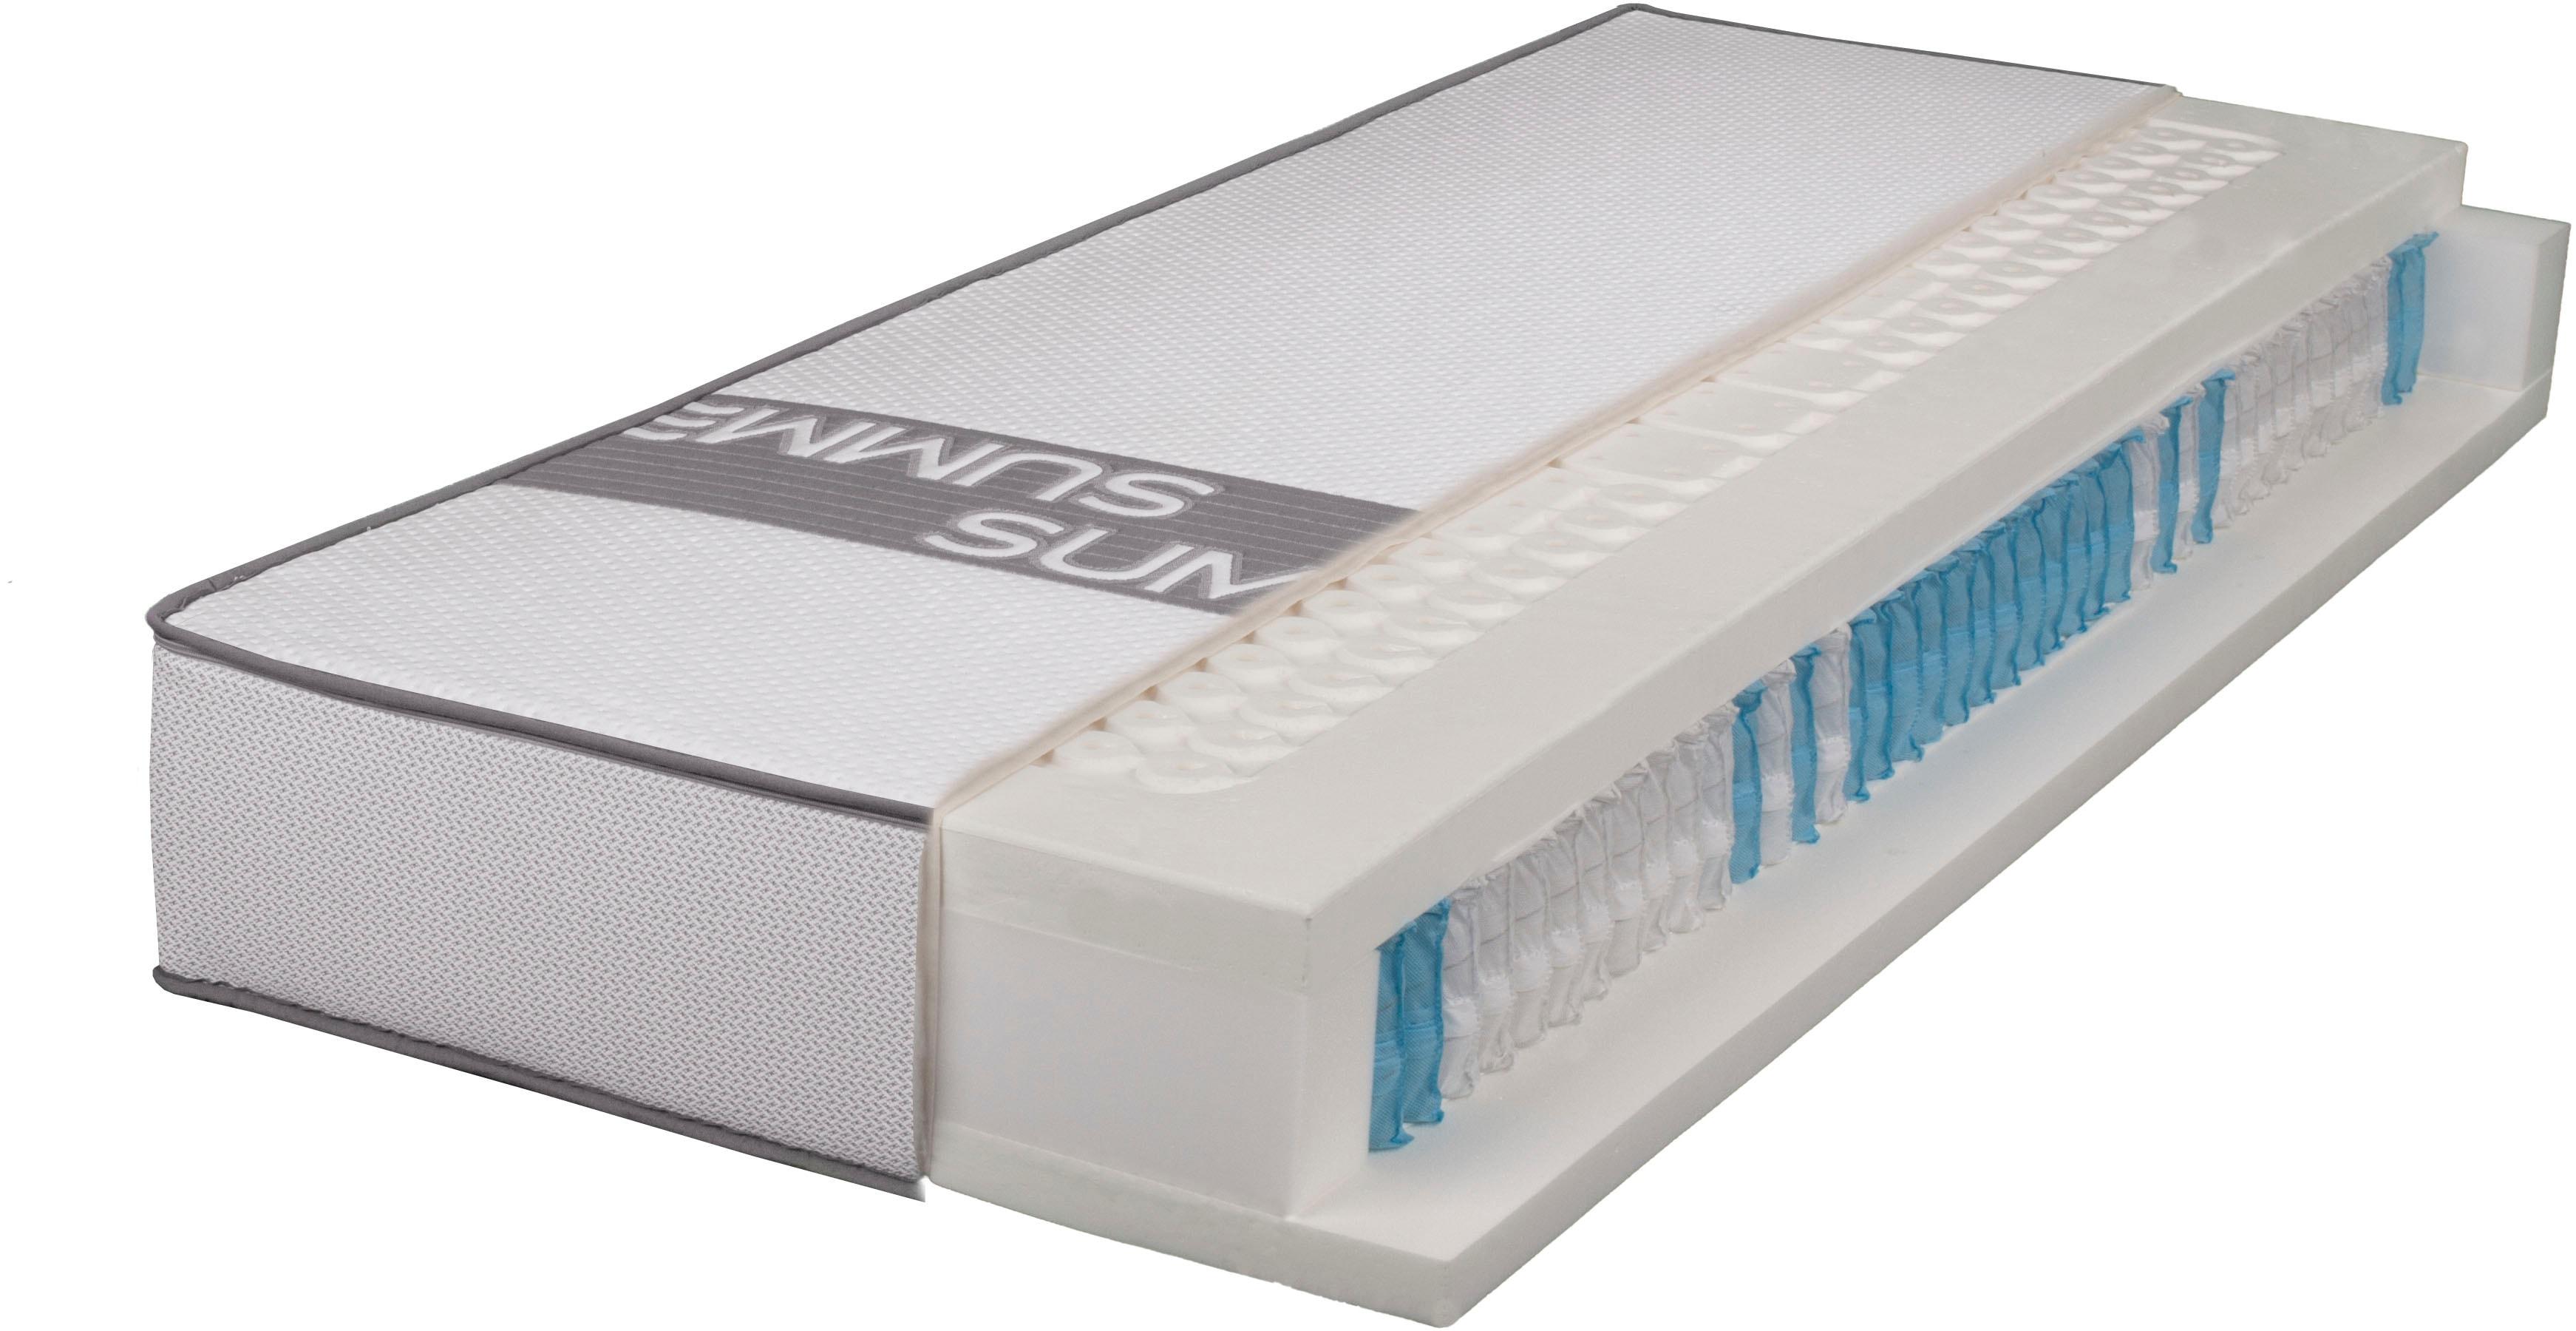 Kaltschaummatratze SMARTSLEEP 9000 LaPur Breckle 23 cm hoch